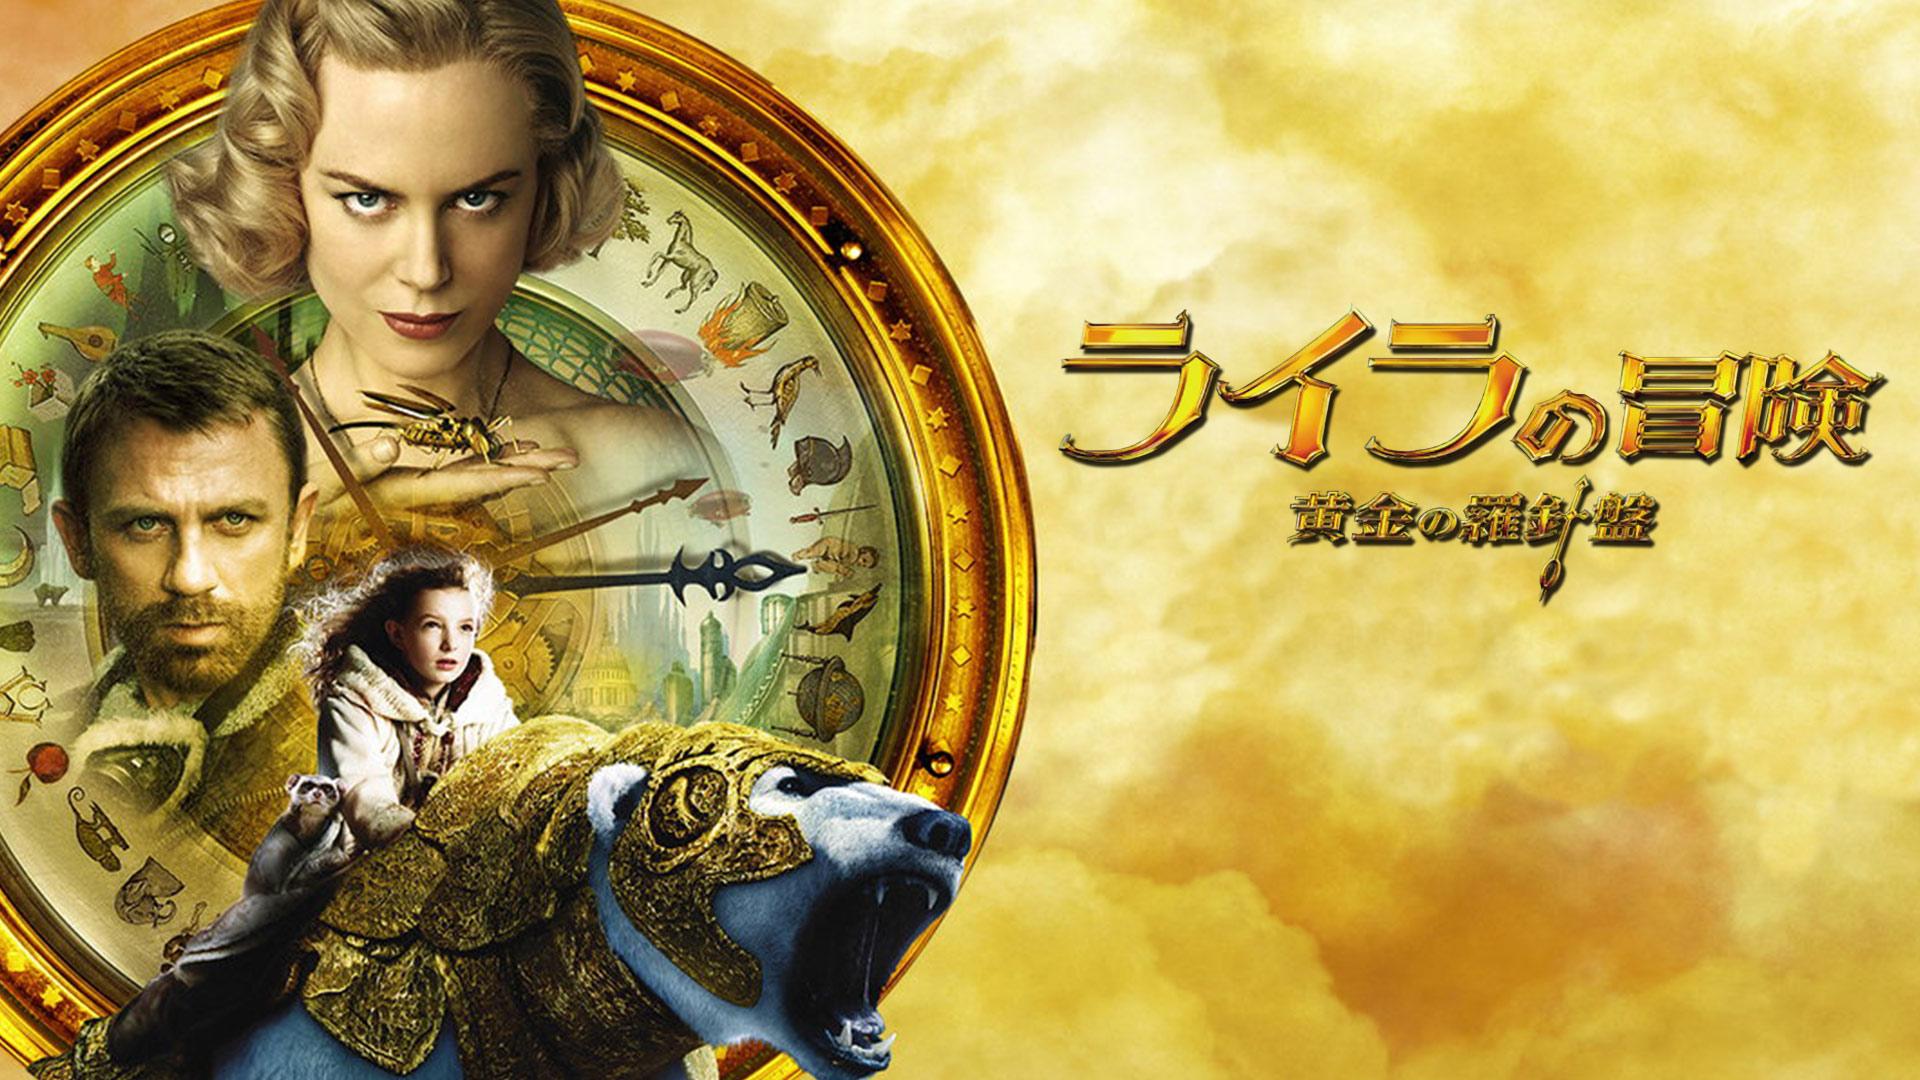 ライラの冒険 黄金の羅針盤 (吹替版)